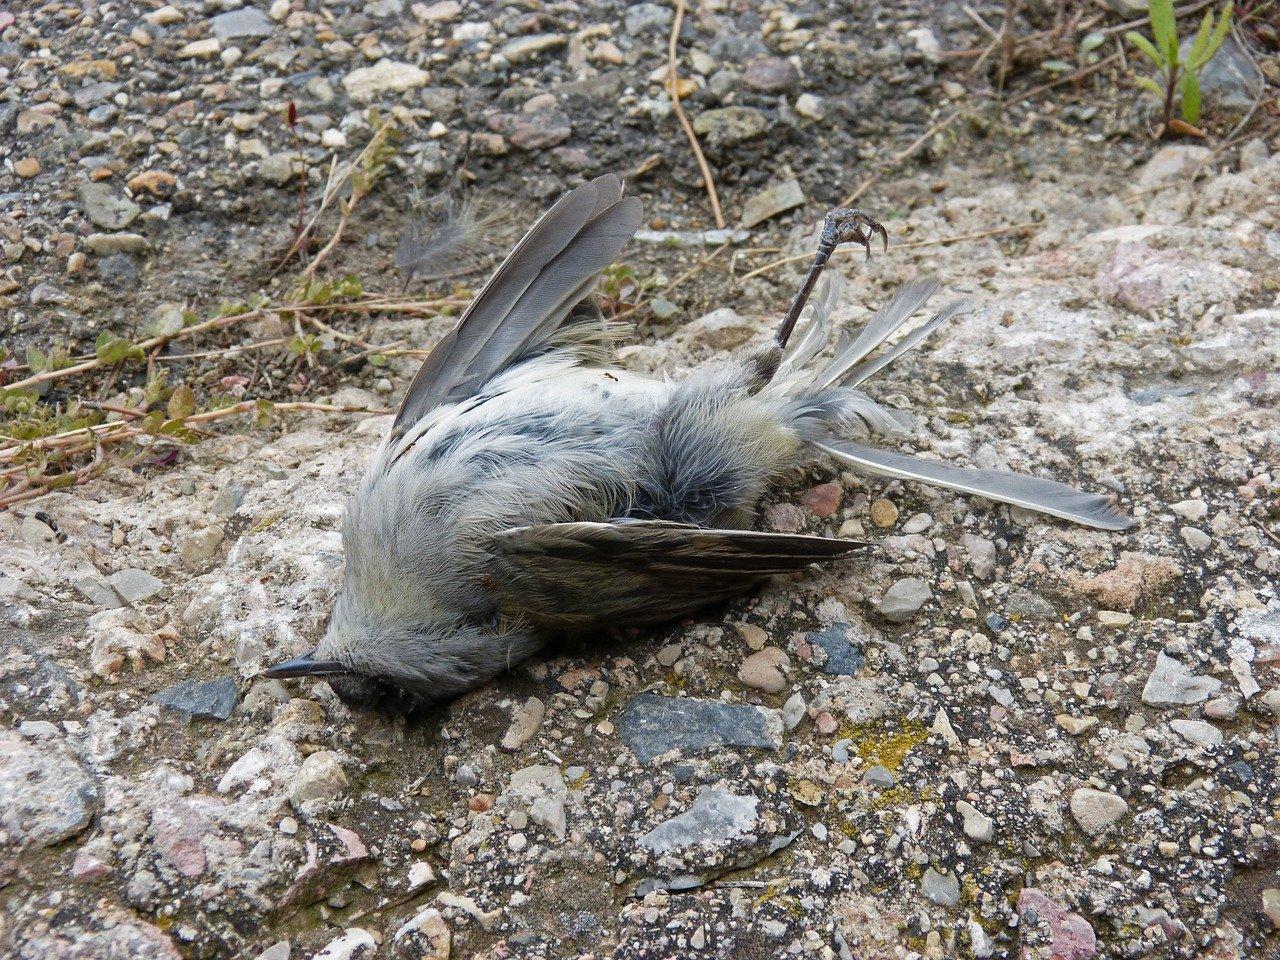 Hàng nghìn con chim chết một cách bí ẩn ở New Mexico